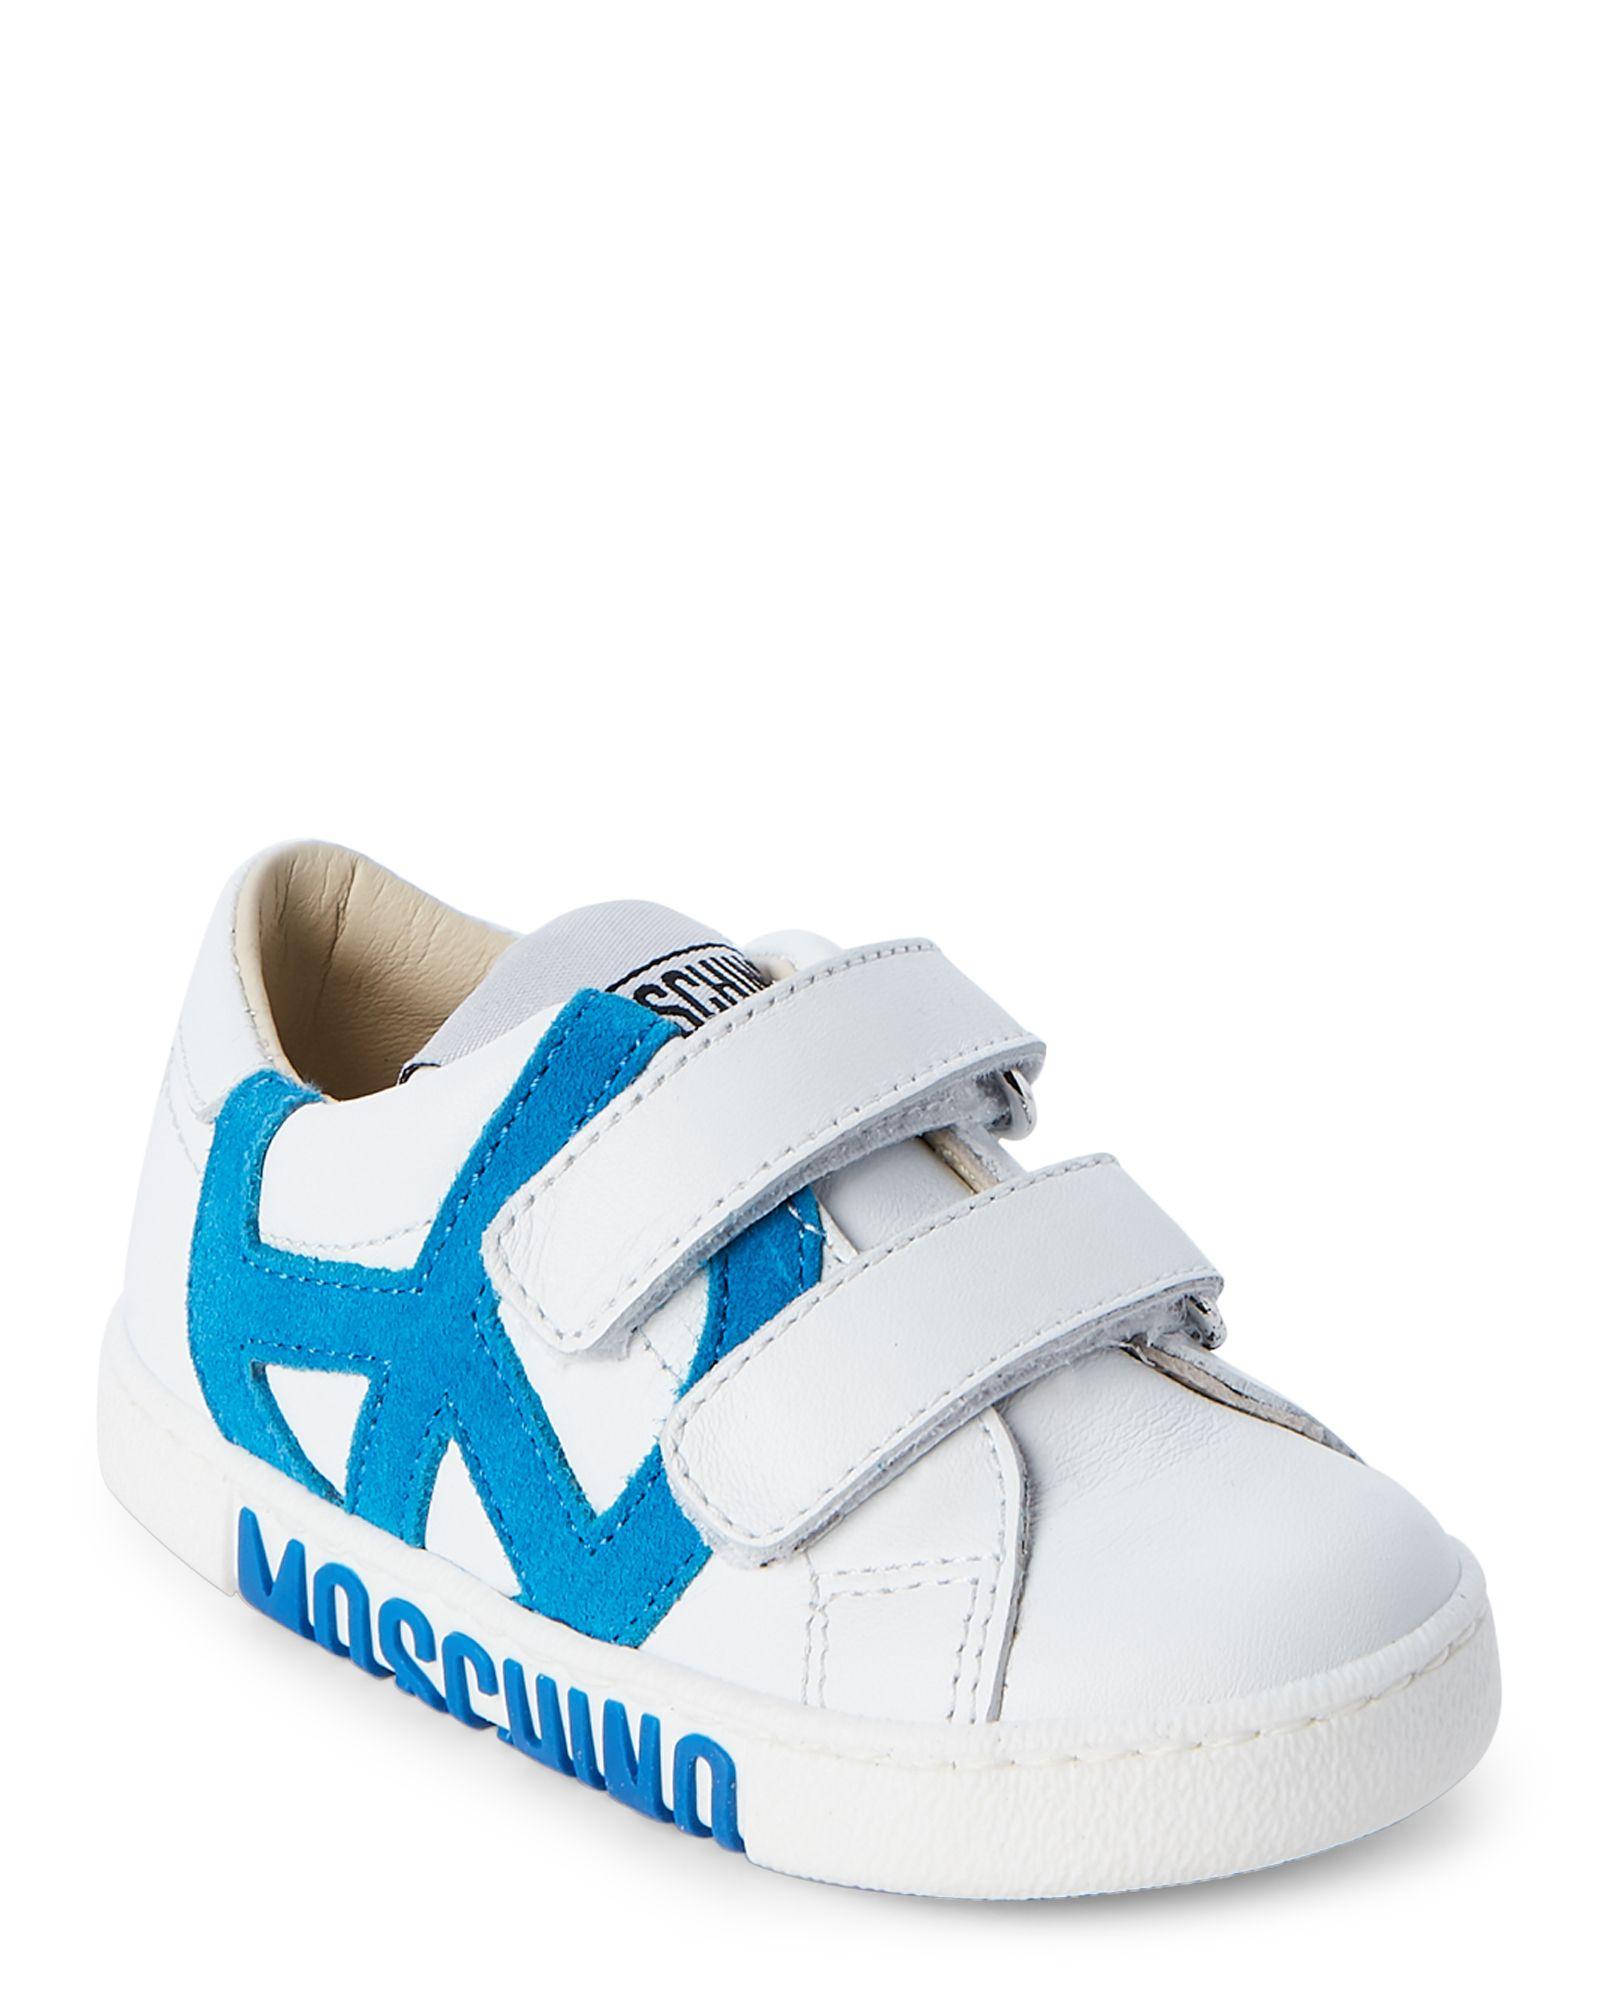 Moschino (Toddler Boys) White Leather